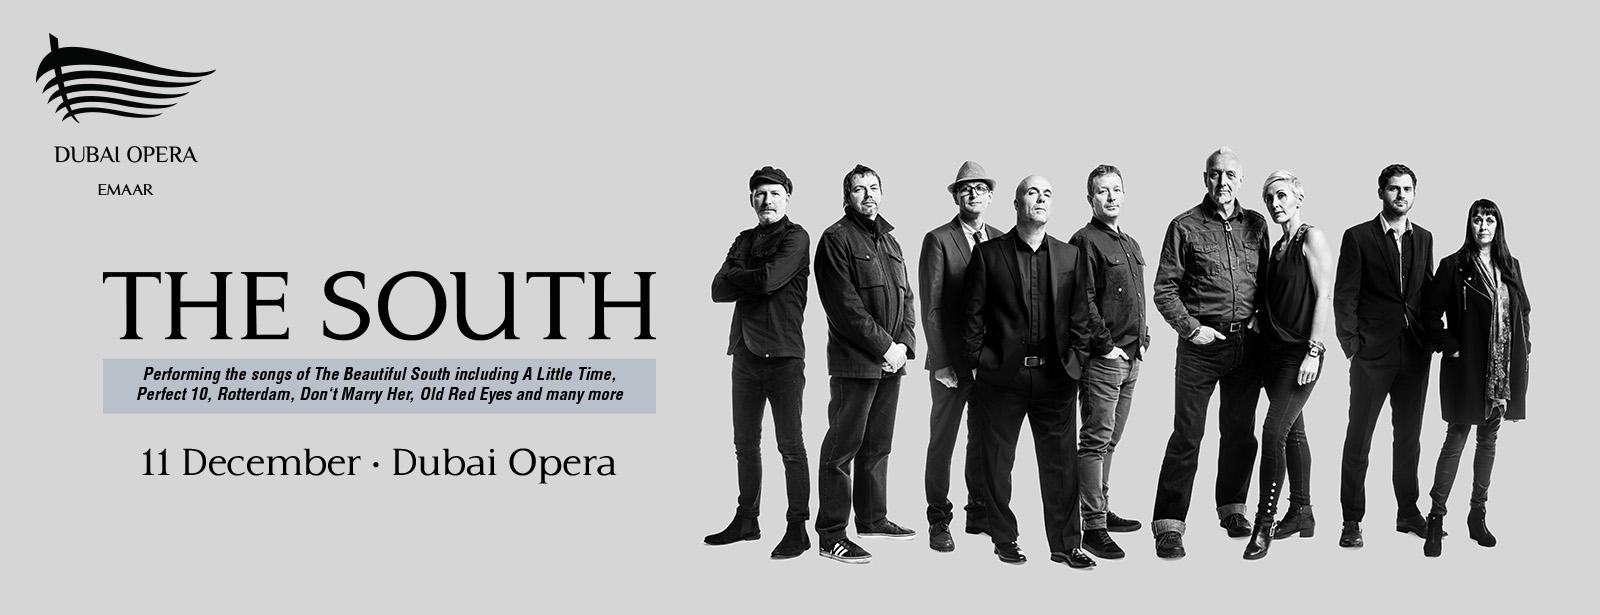 The South at Dubai Opera 2019